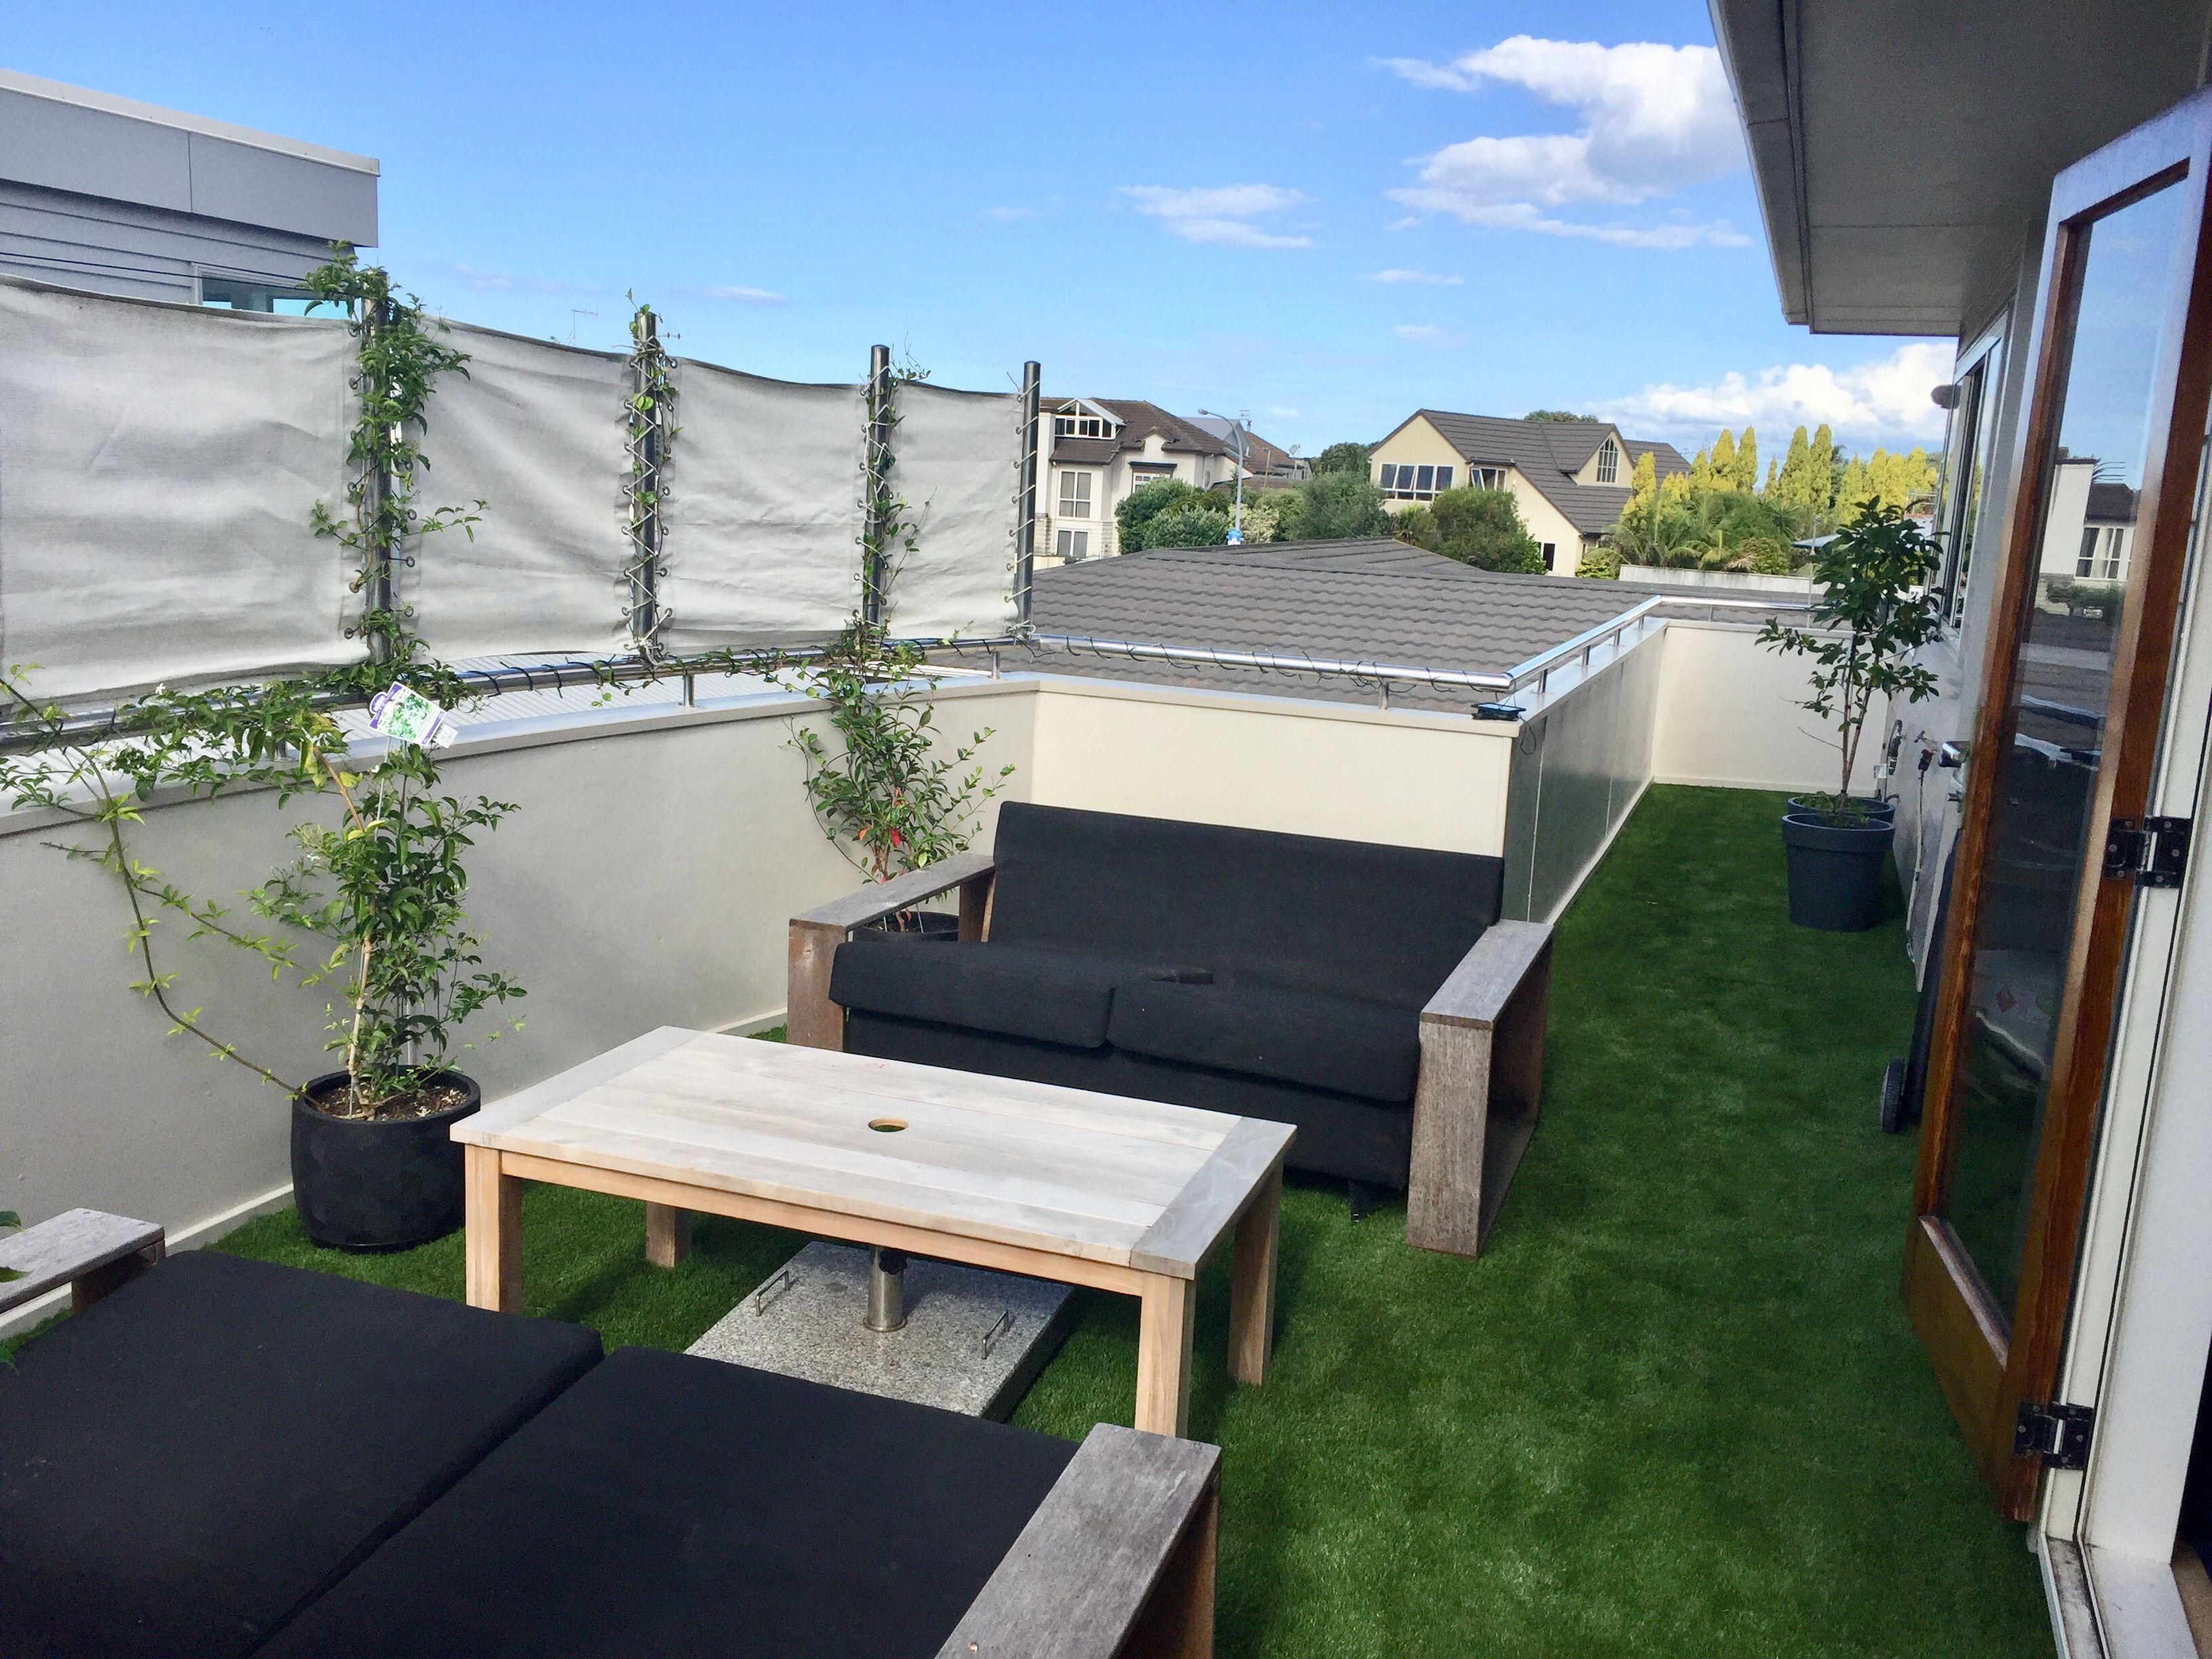 Artificial grass on a balconyveranda outdoor decor